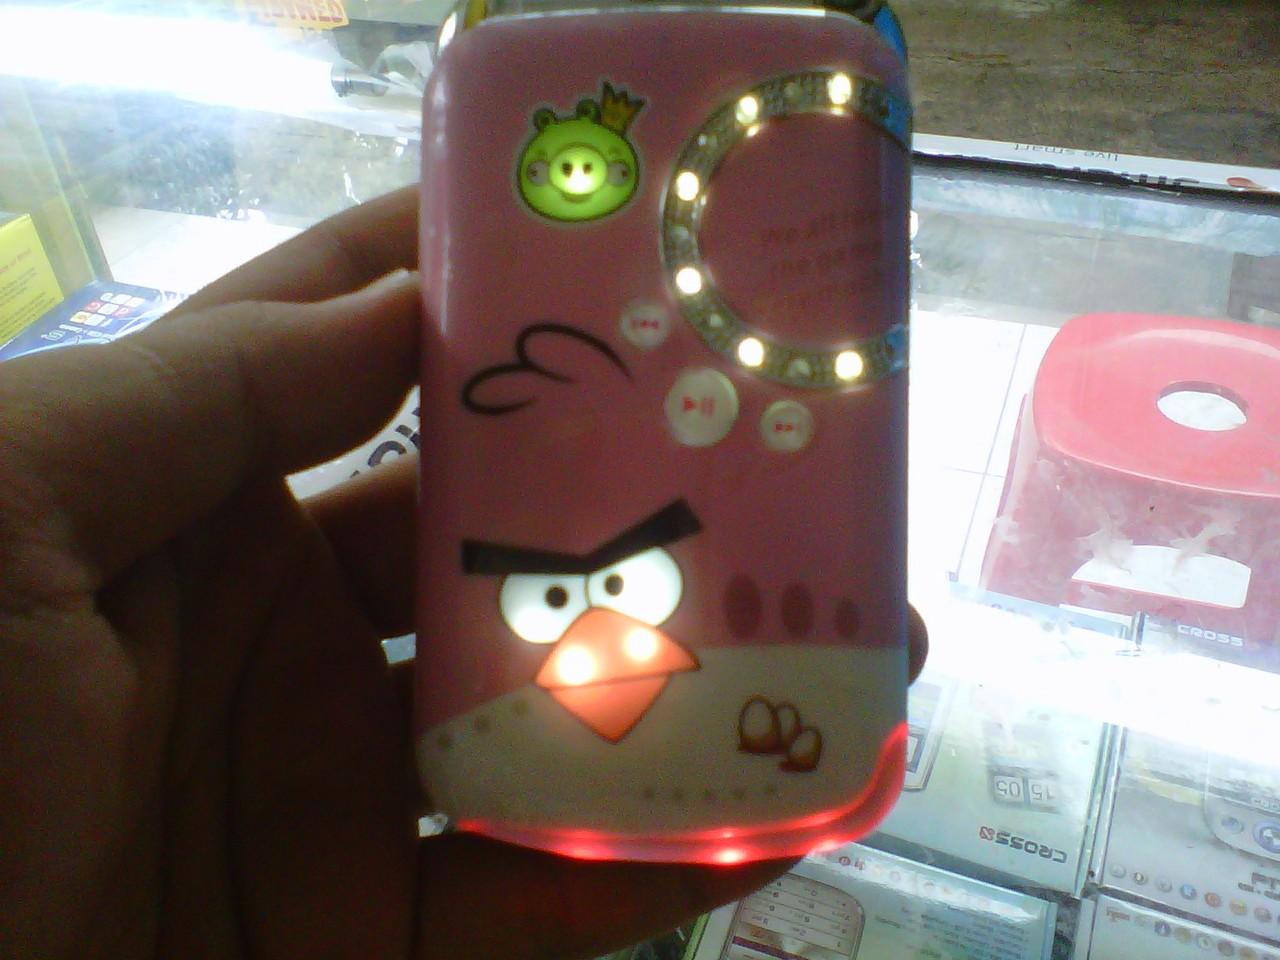 http://4.bp.blogspot.com/-2kRc9rmSc_8/UKiUTP7rLWI/AAAAAAAAAKA/qRJy5DFmke4/s1600/HandPhone+Android+Lucu+dan+Keren.jpg